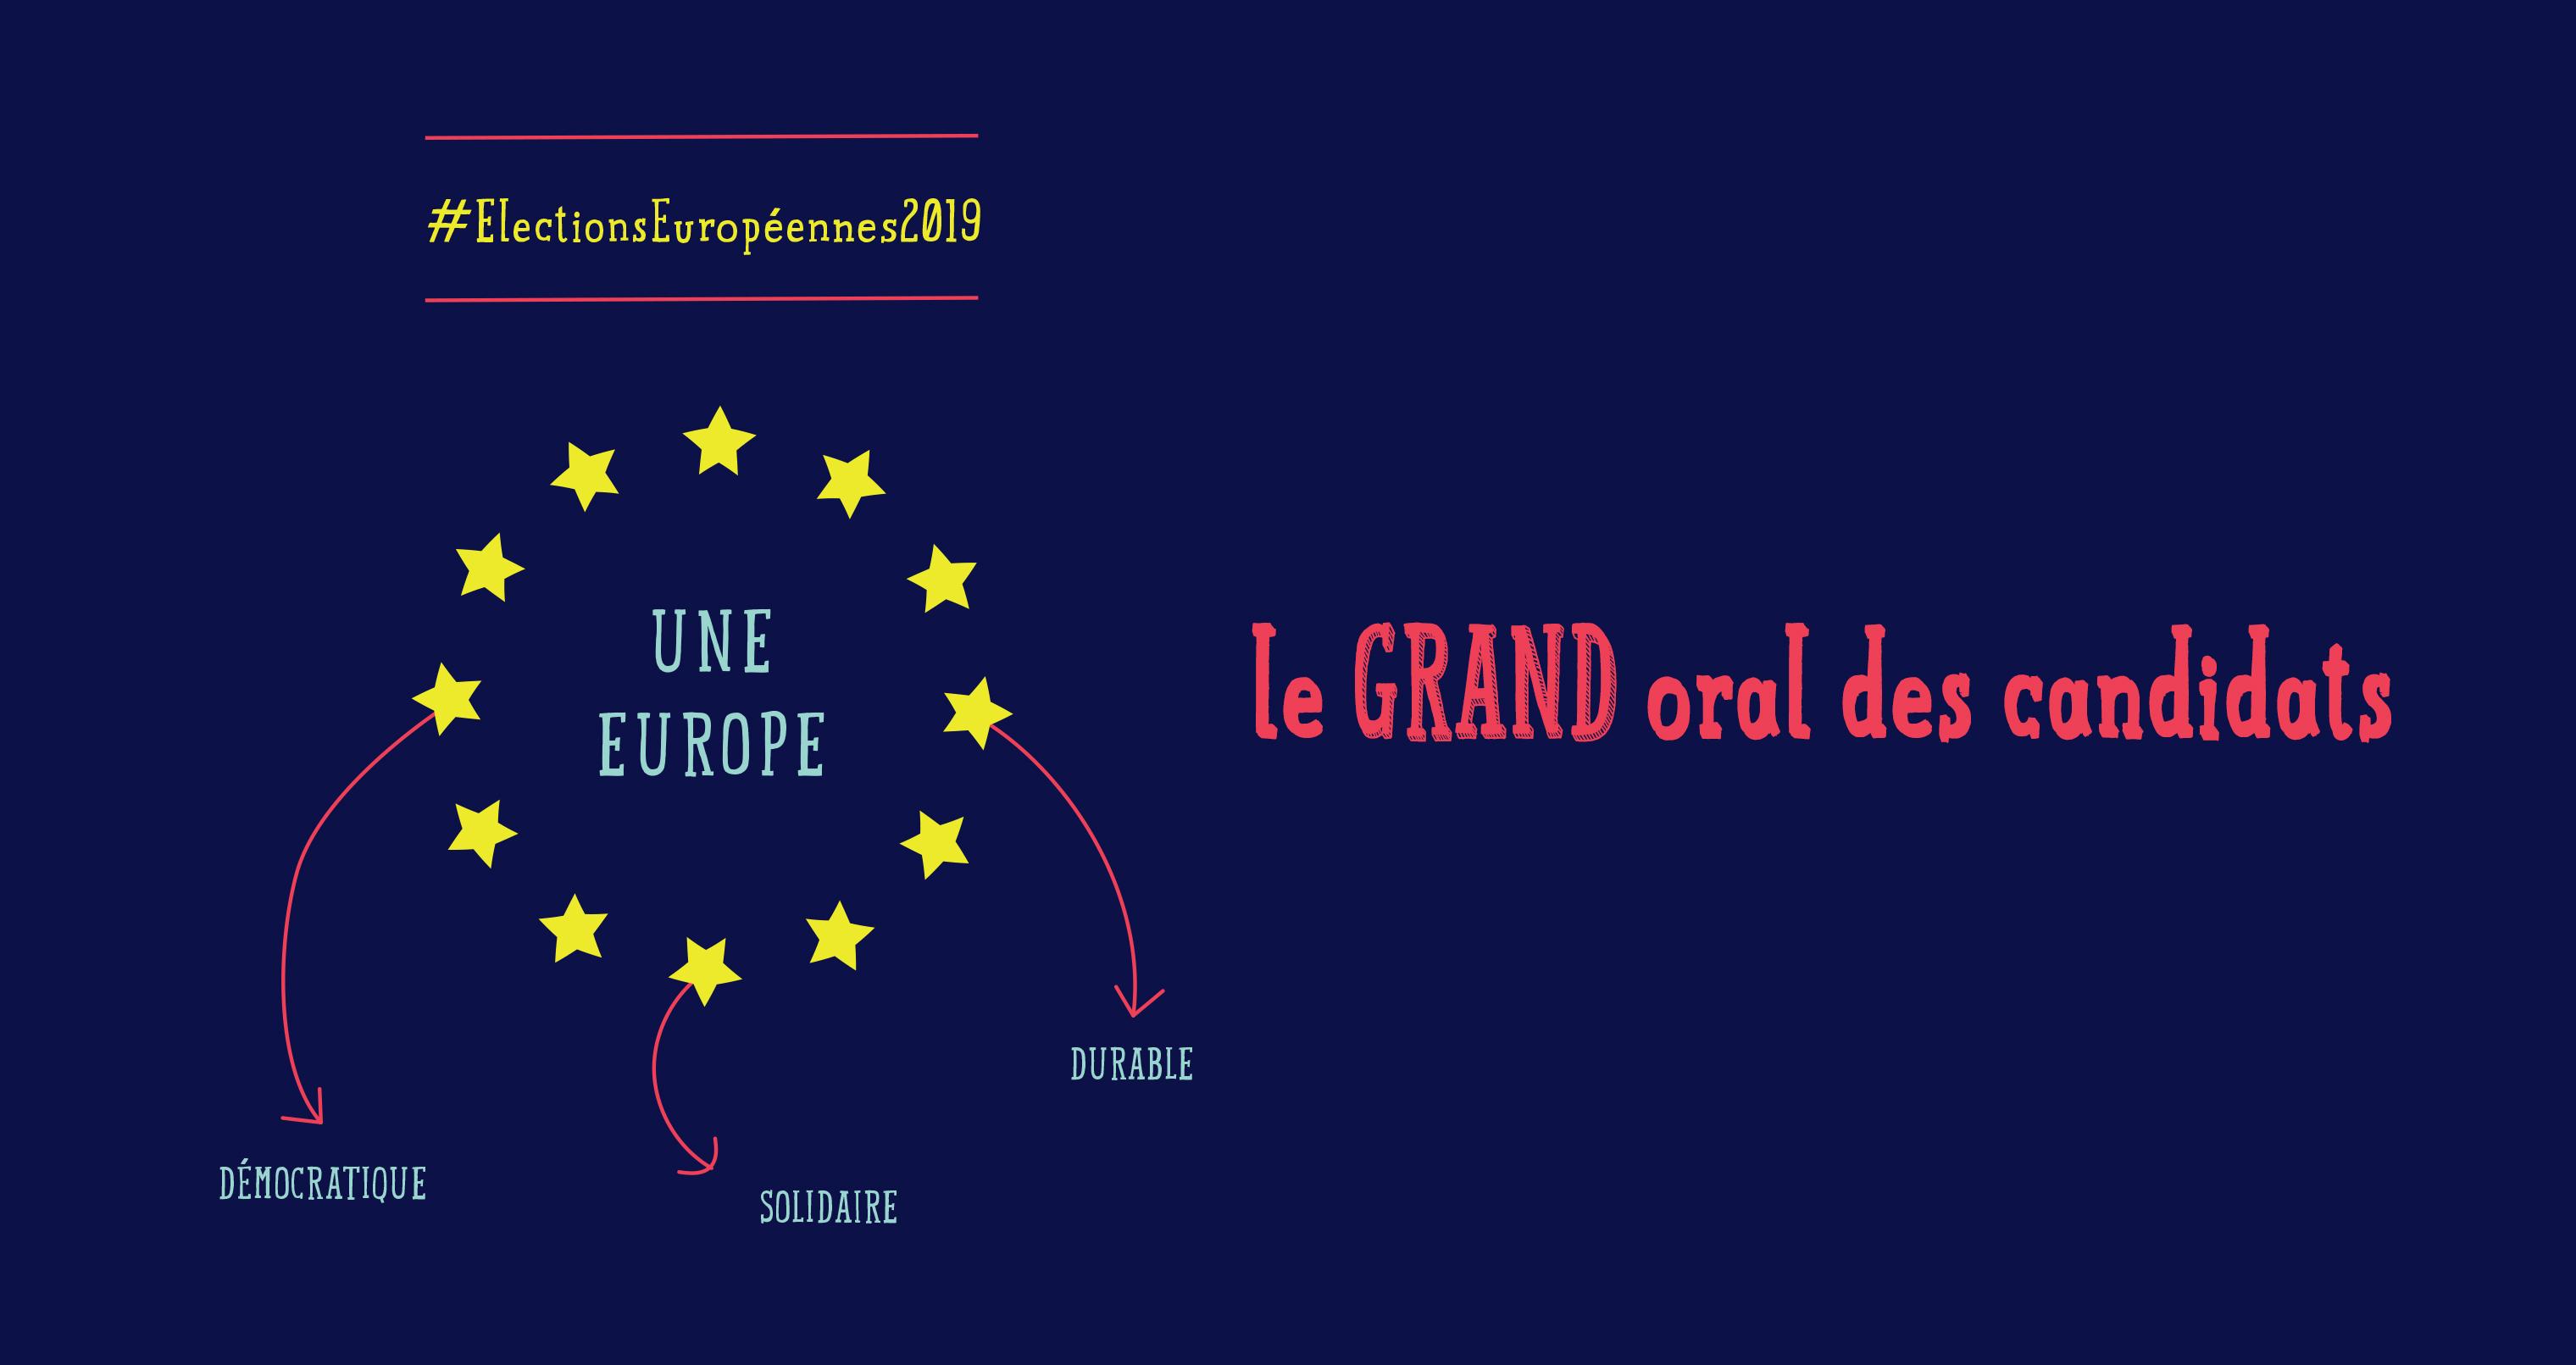 #ElectionsEuropéennes : le grand oral des candidats